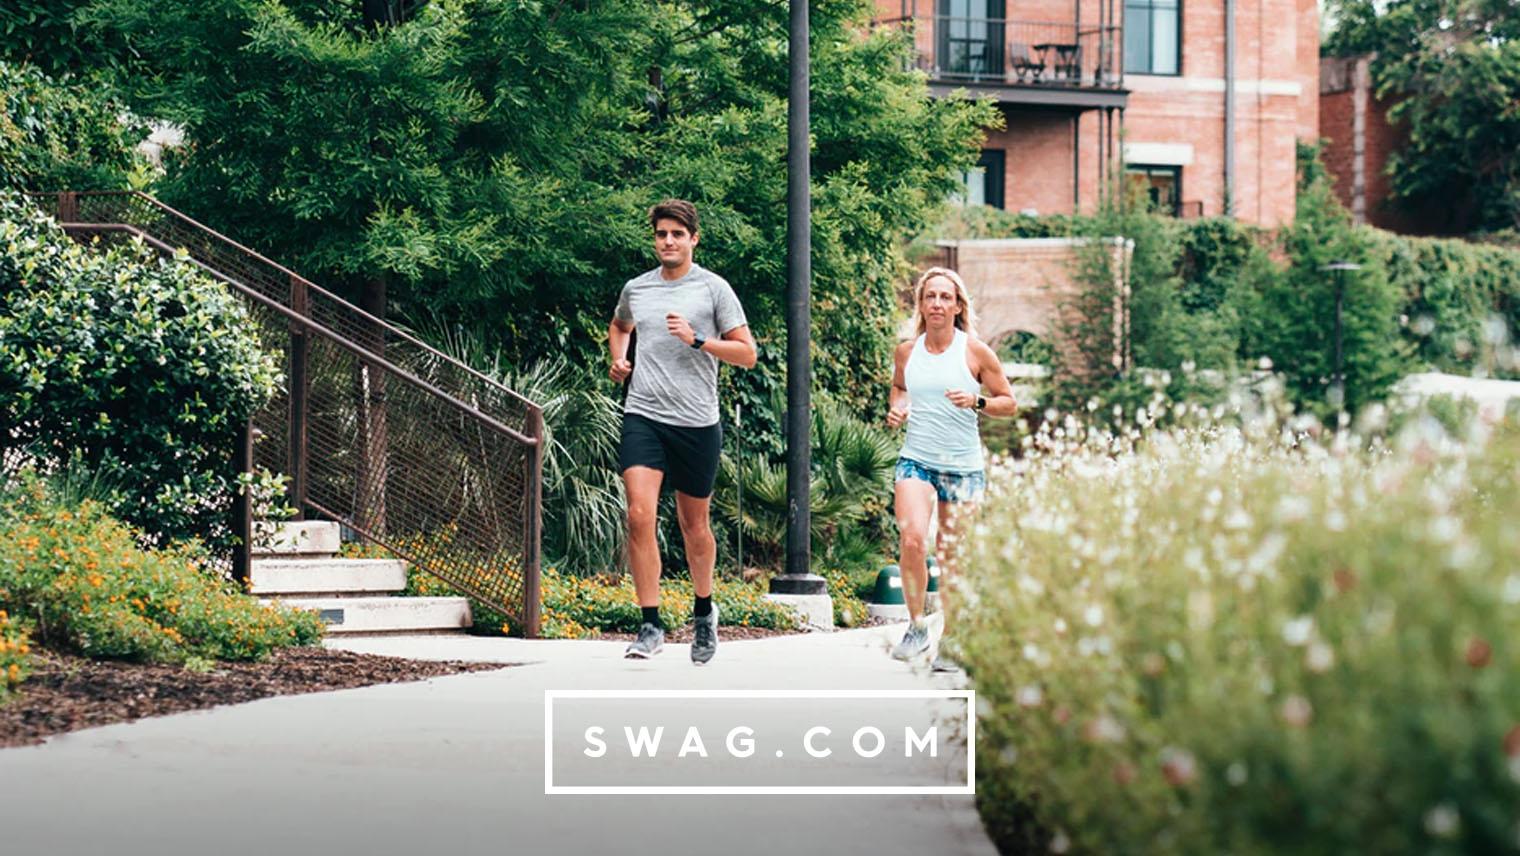 Running Swag